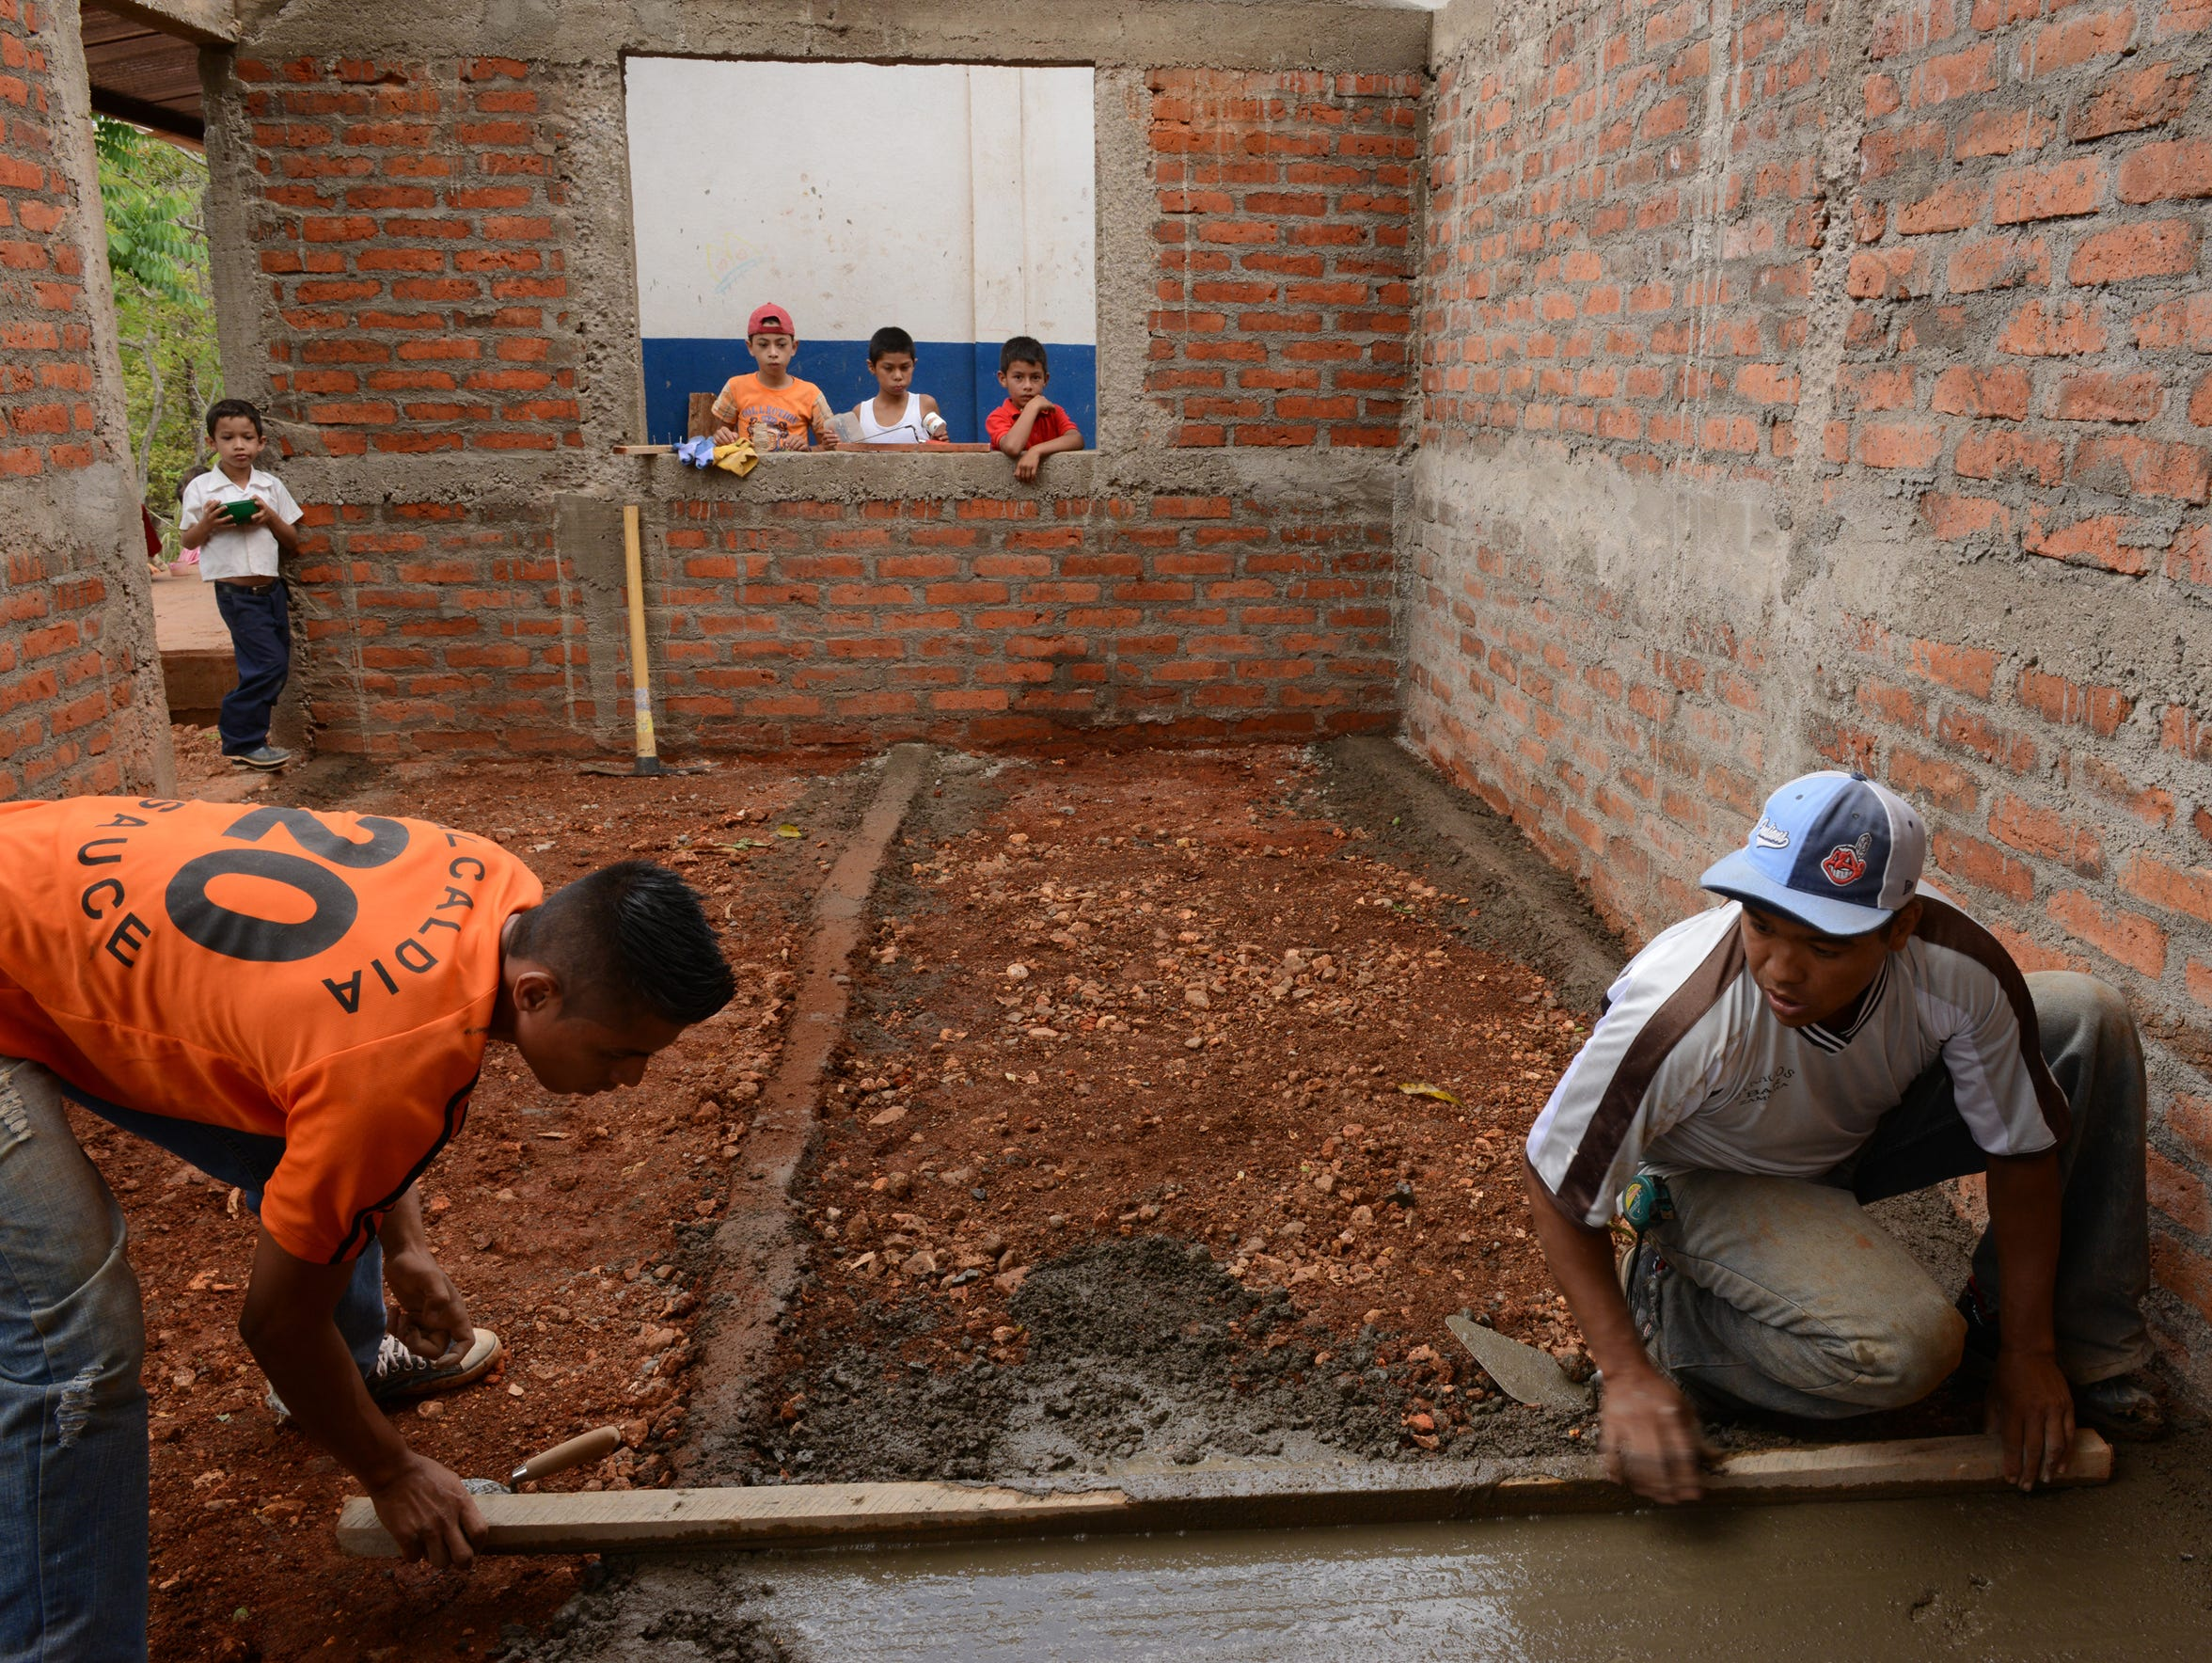 Using handmade bricks and simple tools, the team works